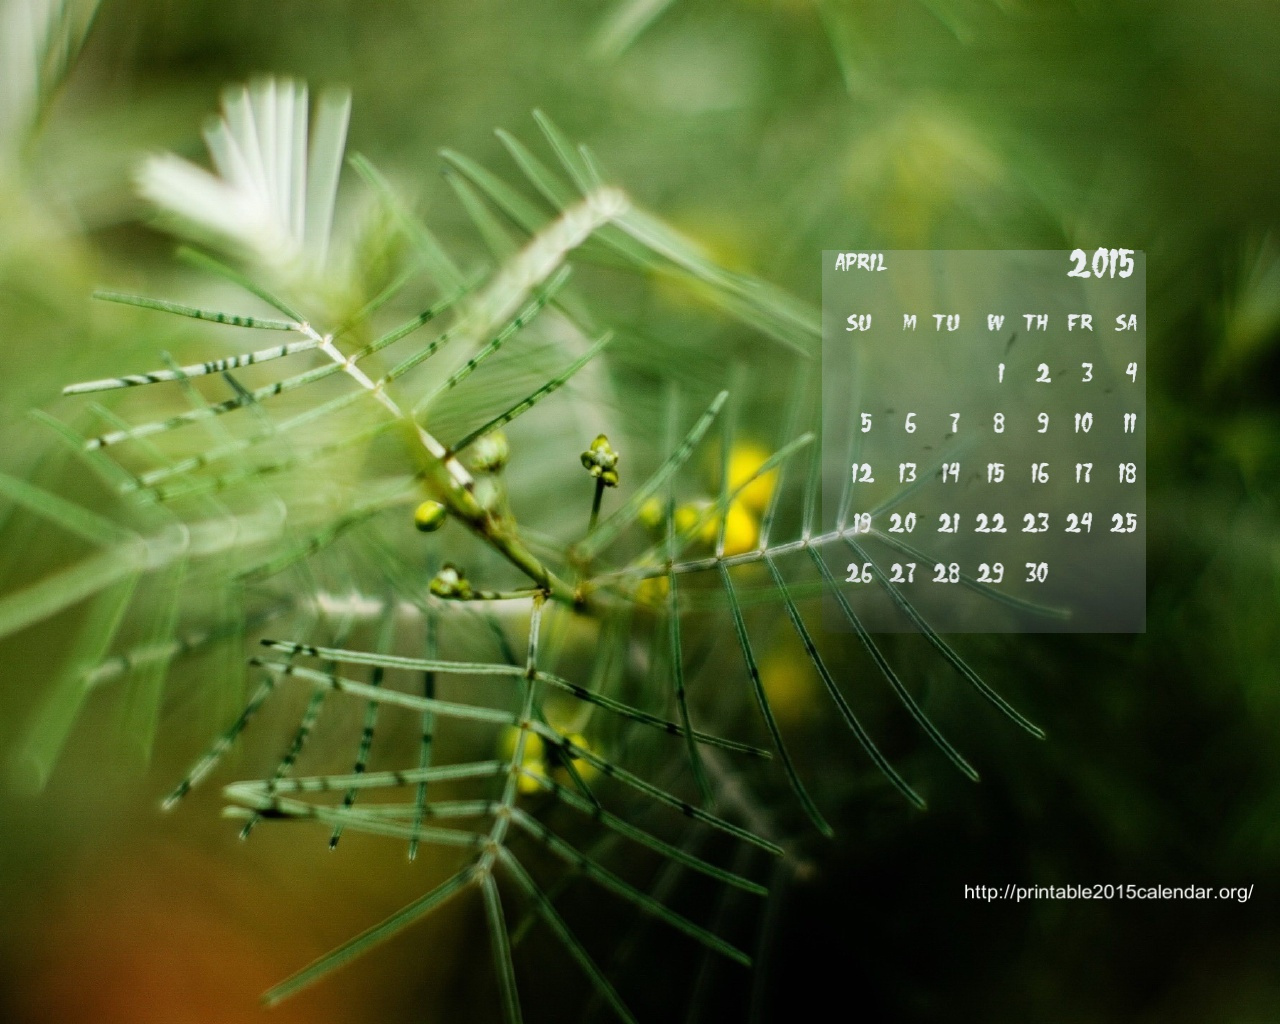 Wallpaper Calendar 2015 2015 Calendar 1280x1024